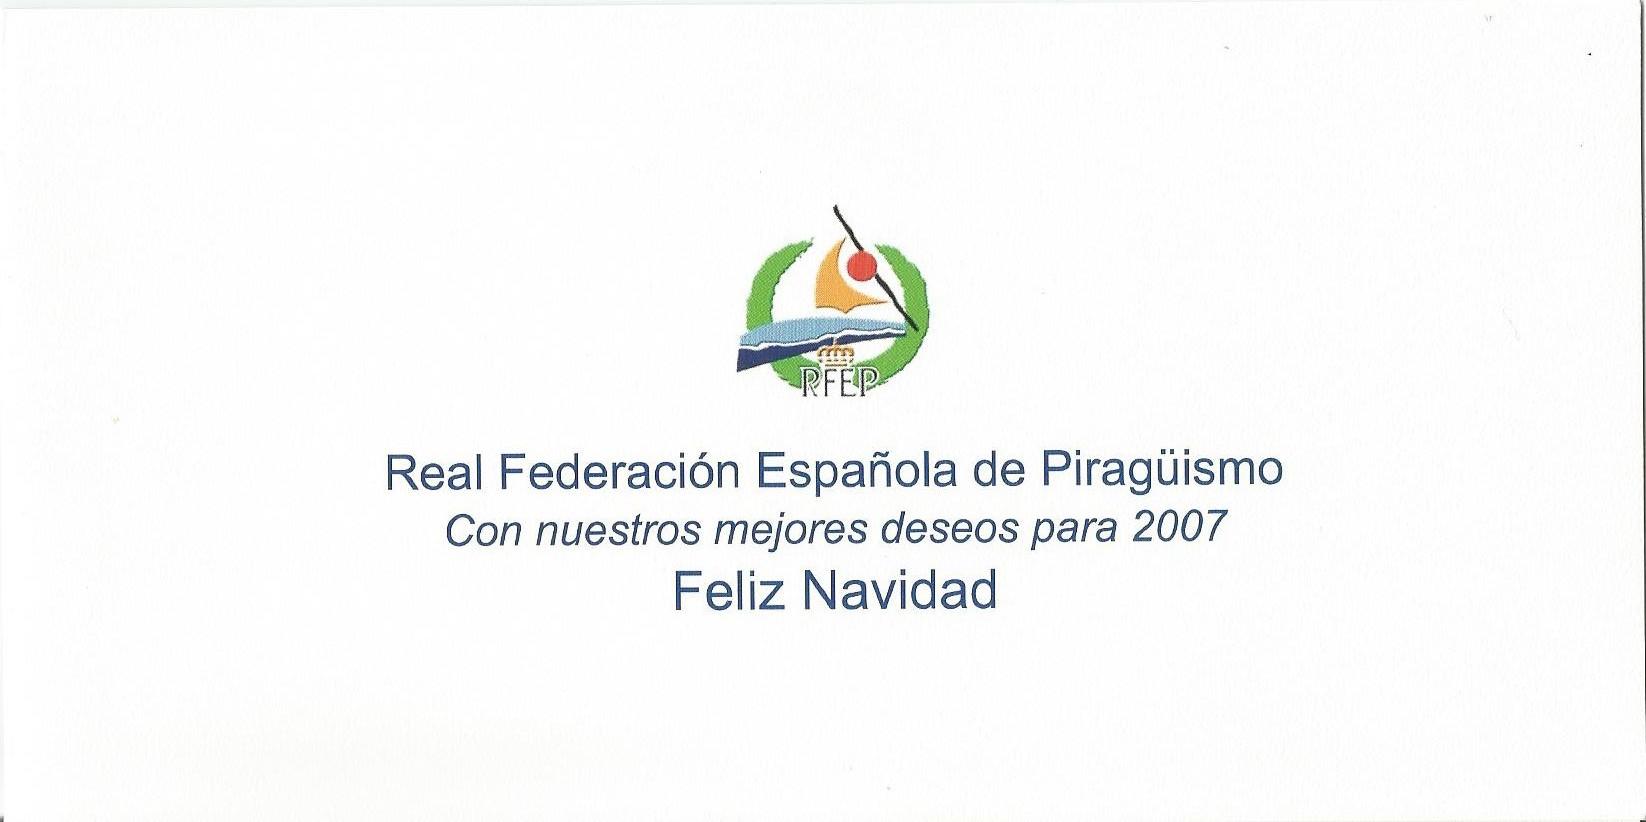 CHRISTMAS RFEP 2006 REVERSO